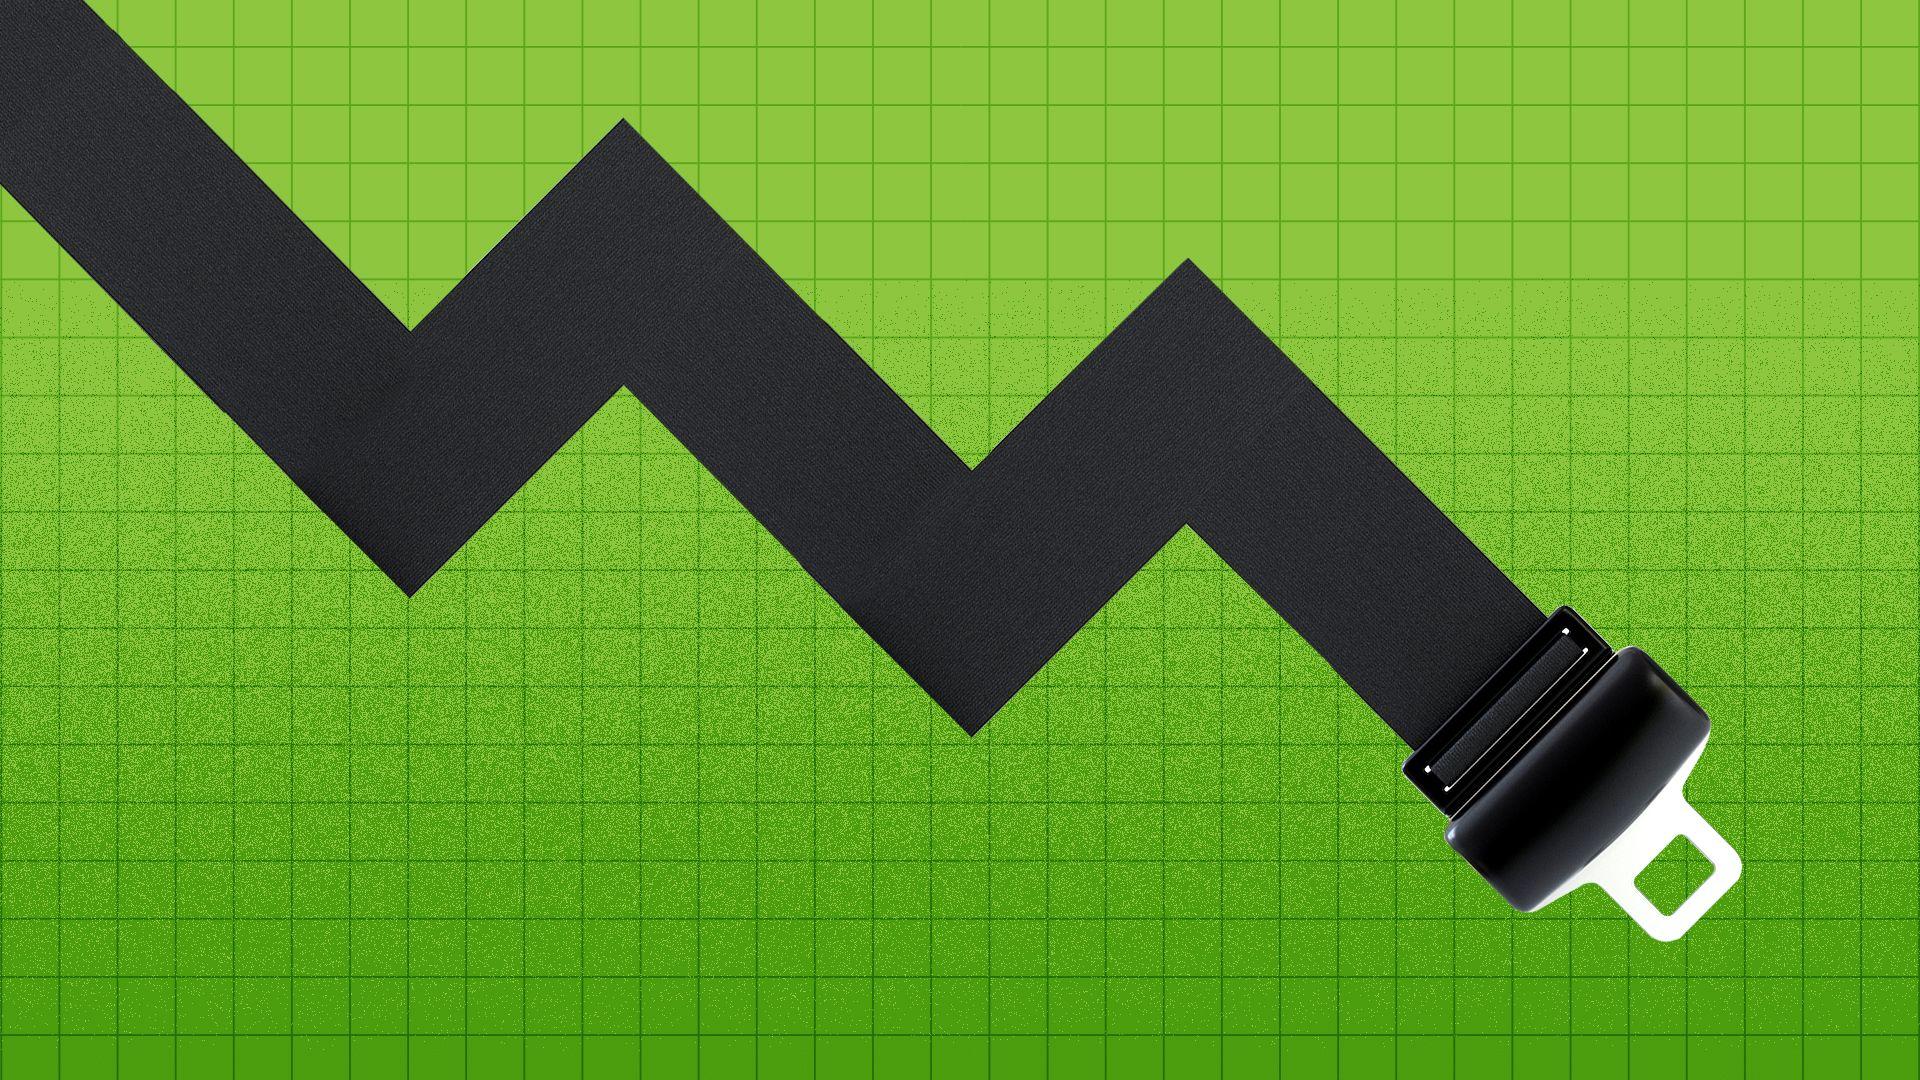 Illustration of a seat belt in the shape of a downward trending market line.